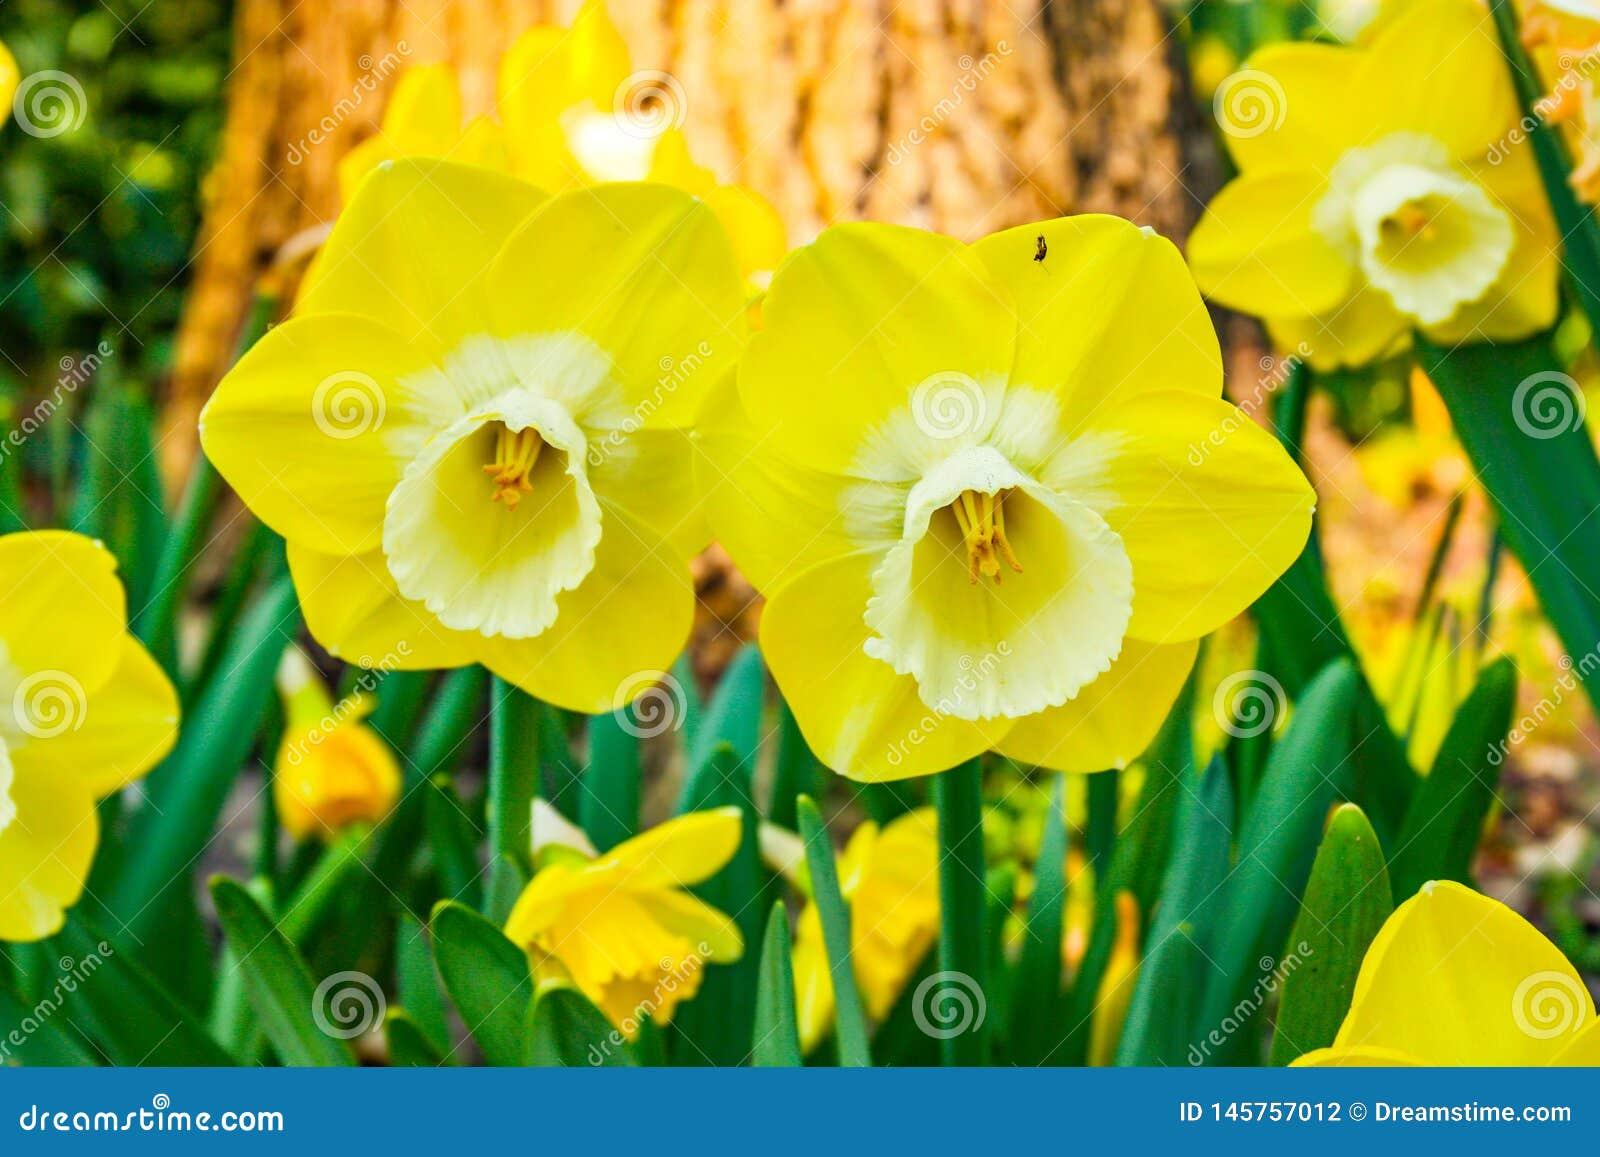 Due tulipani gialli molto piacevoli e bei nella priorità alta